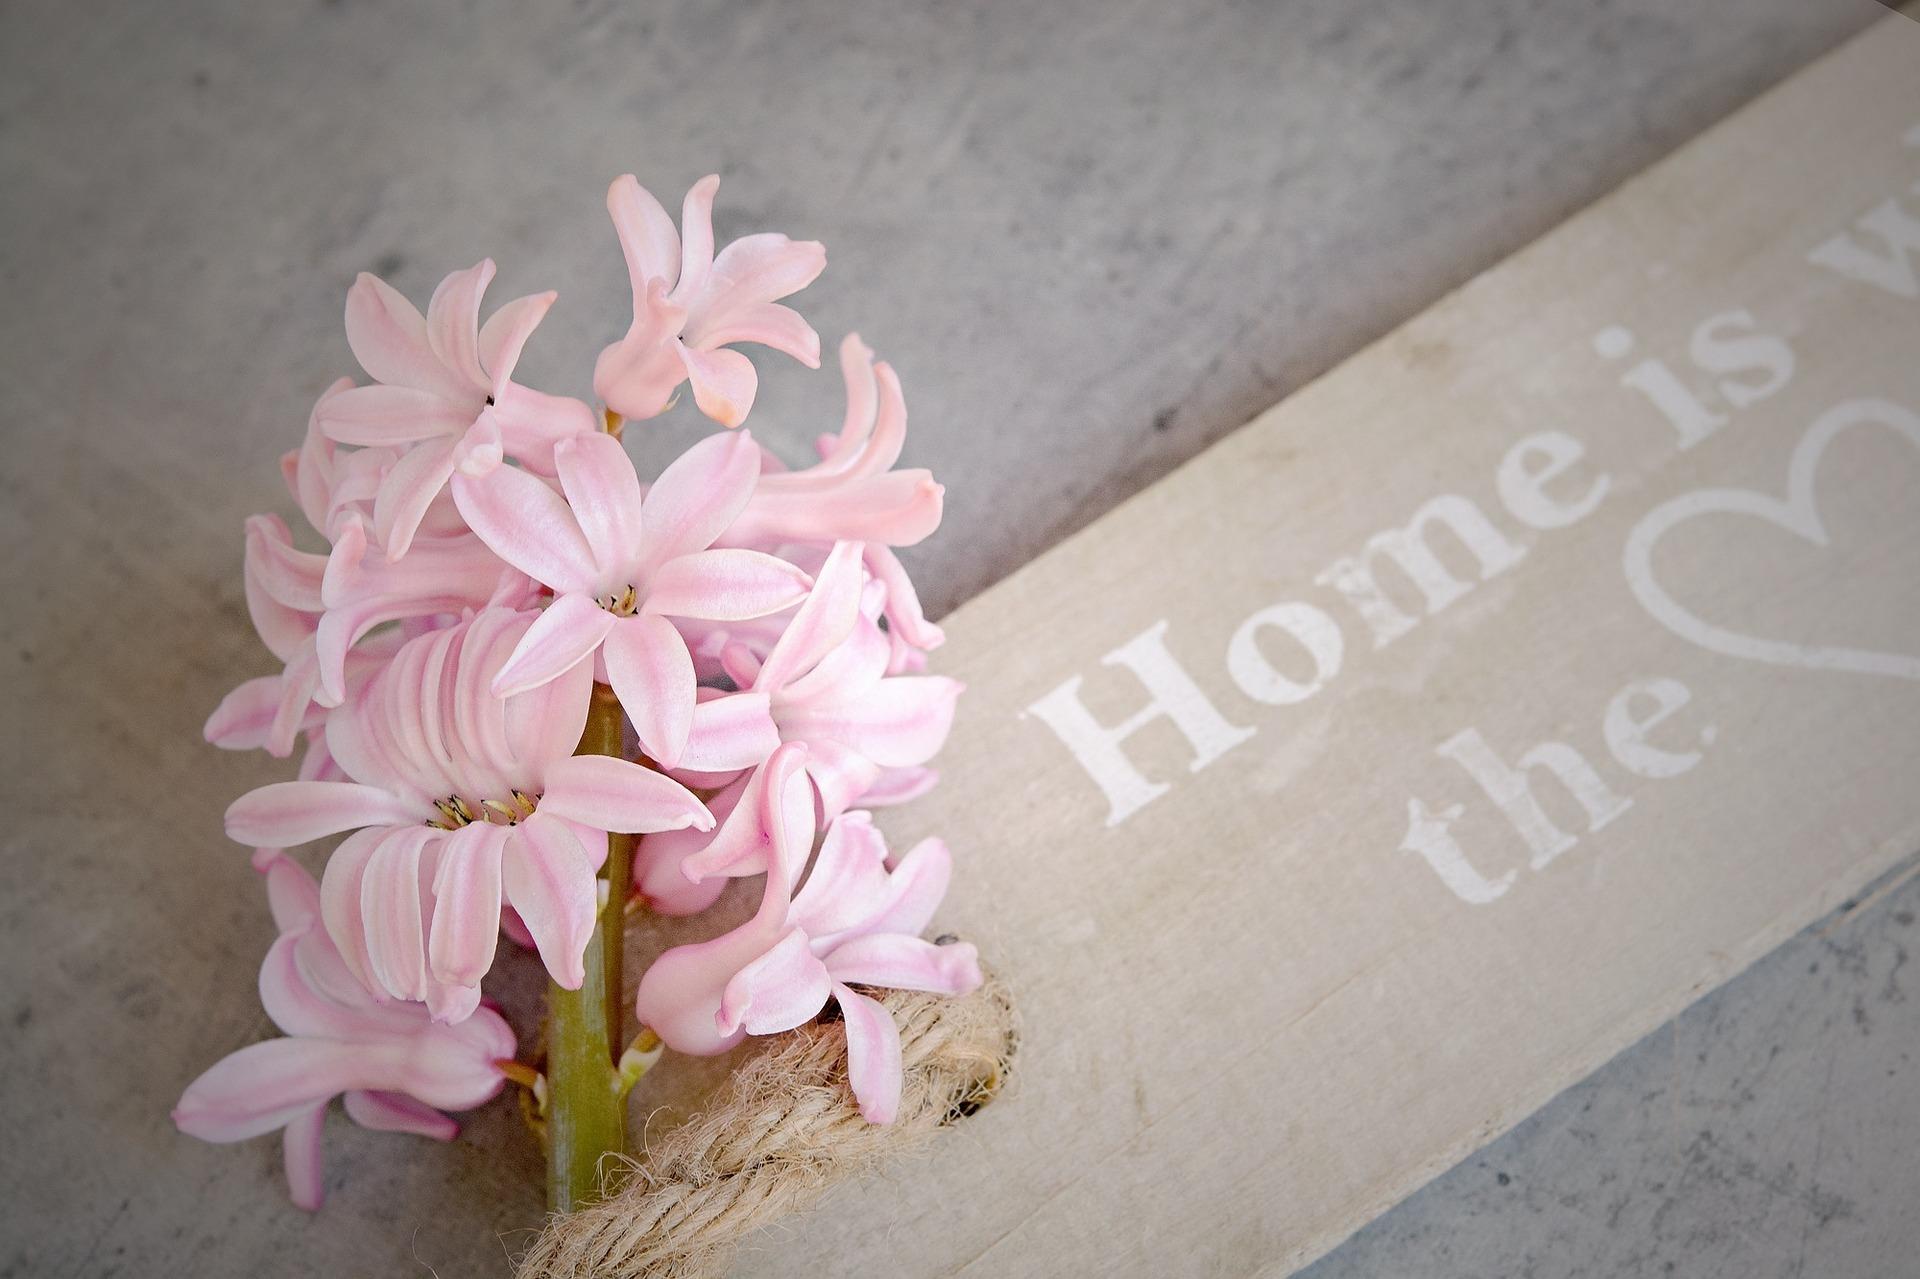 Casa e benessere: come arredare per essere felici